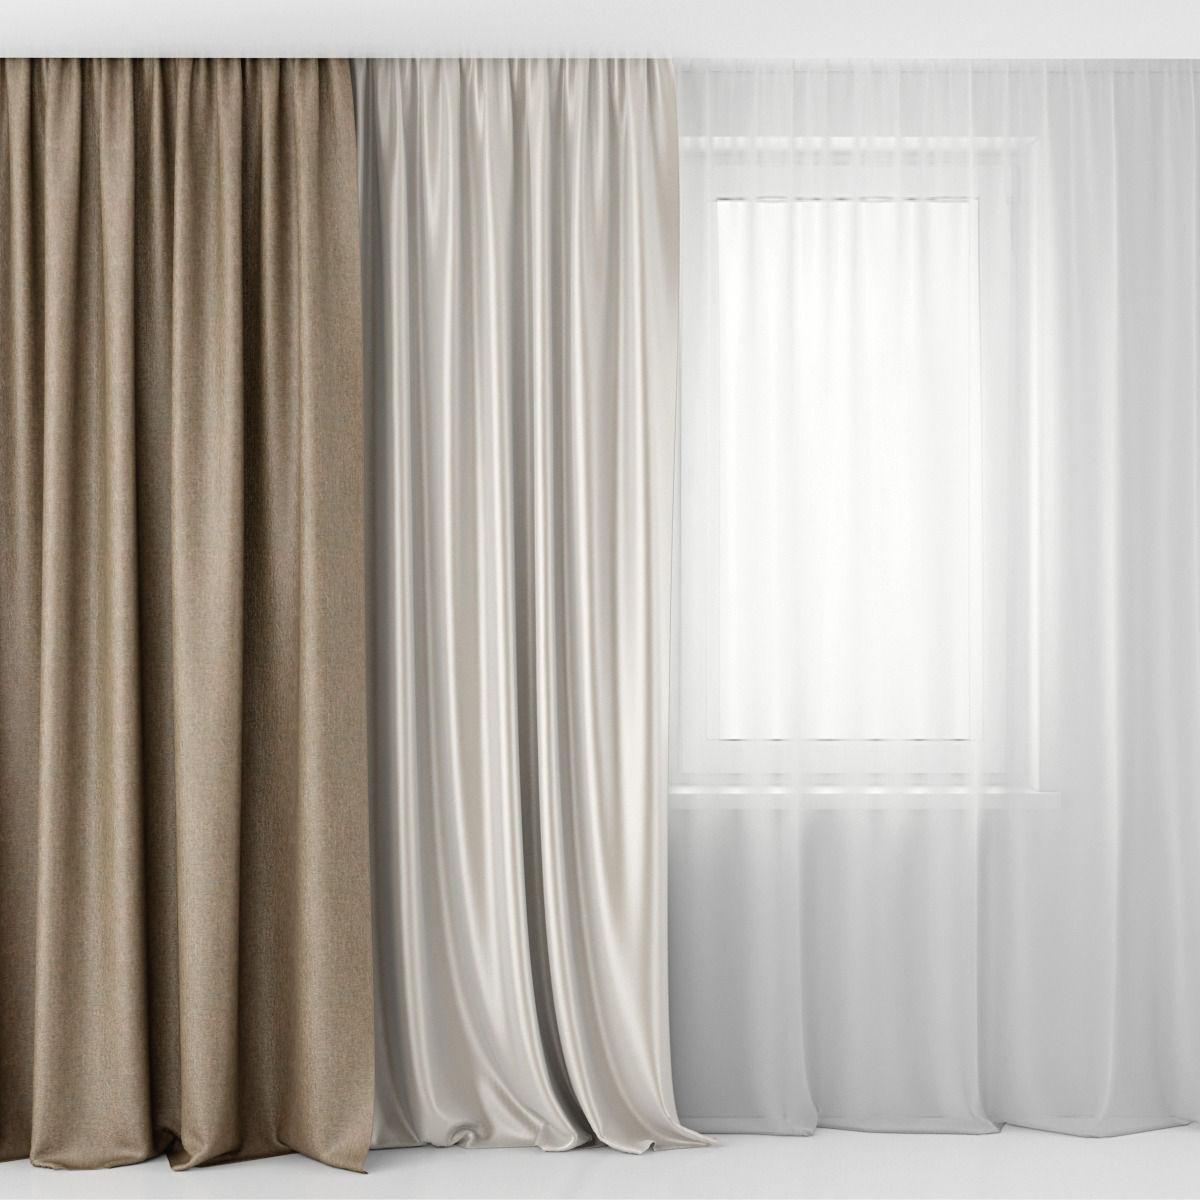 Трехслойные шторы — классическая изысканность